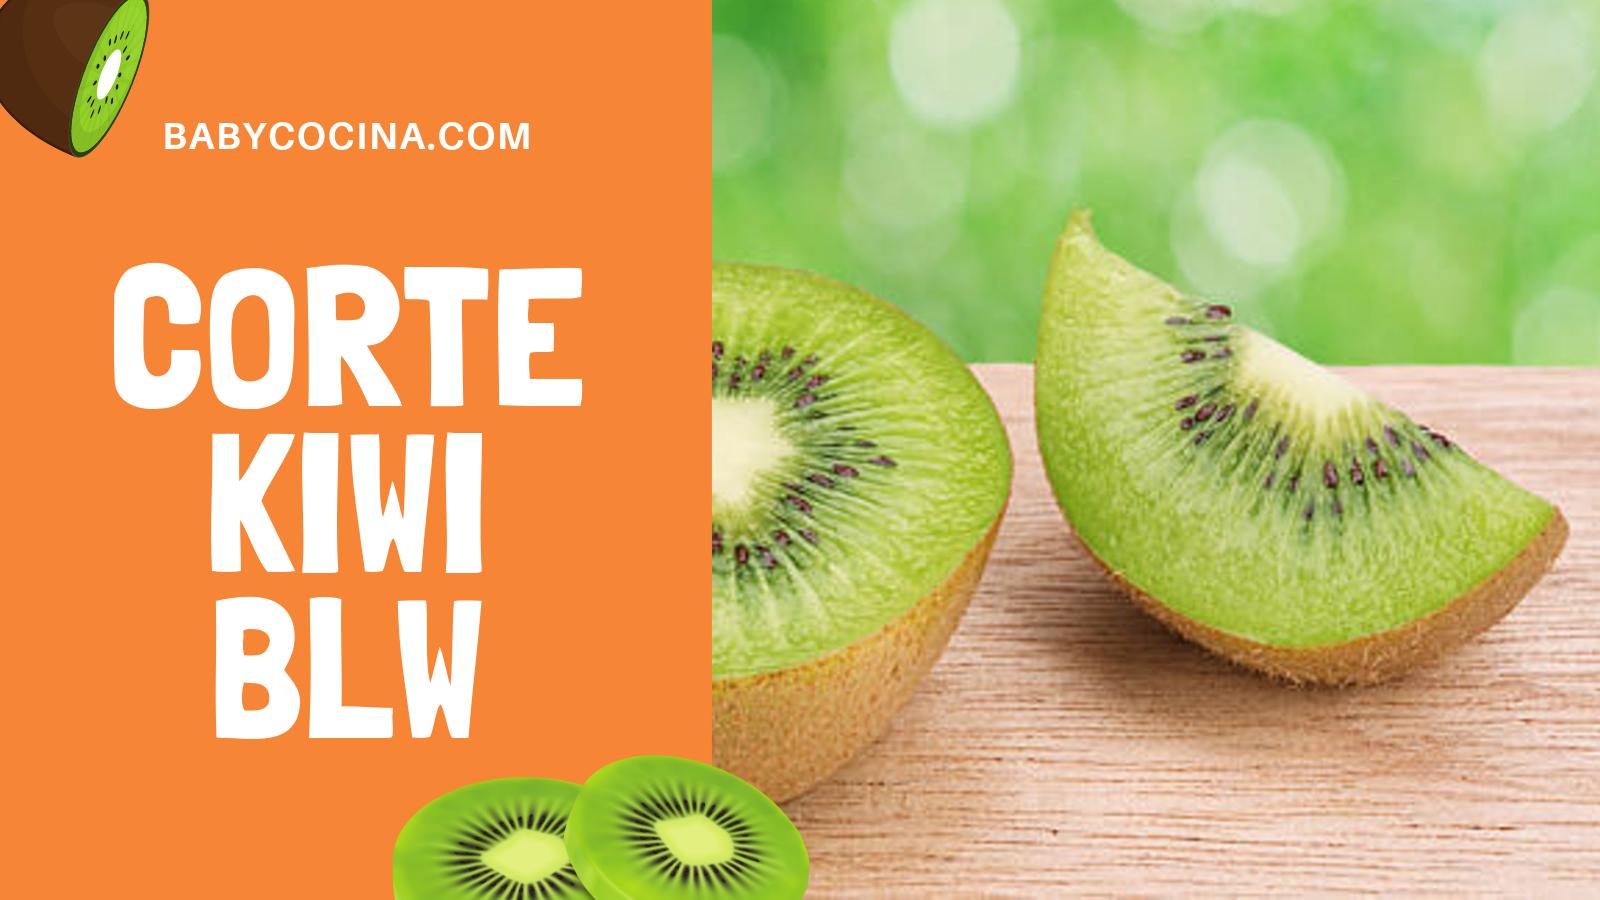 kiwi BLW corte